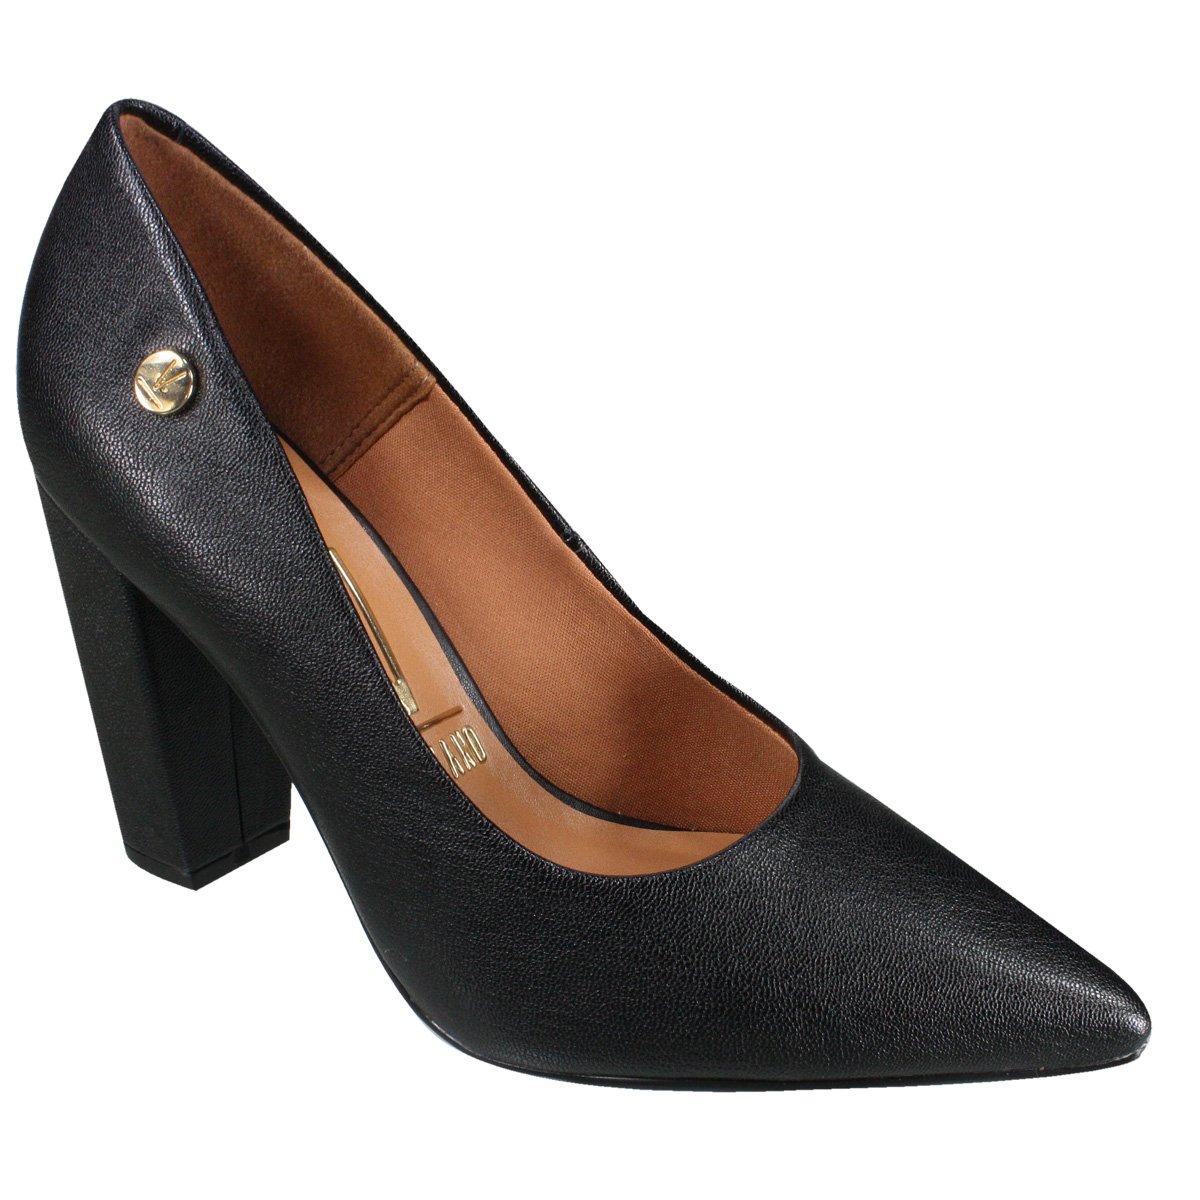 7b2a81111 Sapato scarpin vizzano preto napa london jpg 1200x1200 Undefined modelo de sapato  scarpin